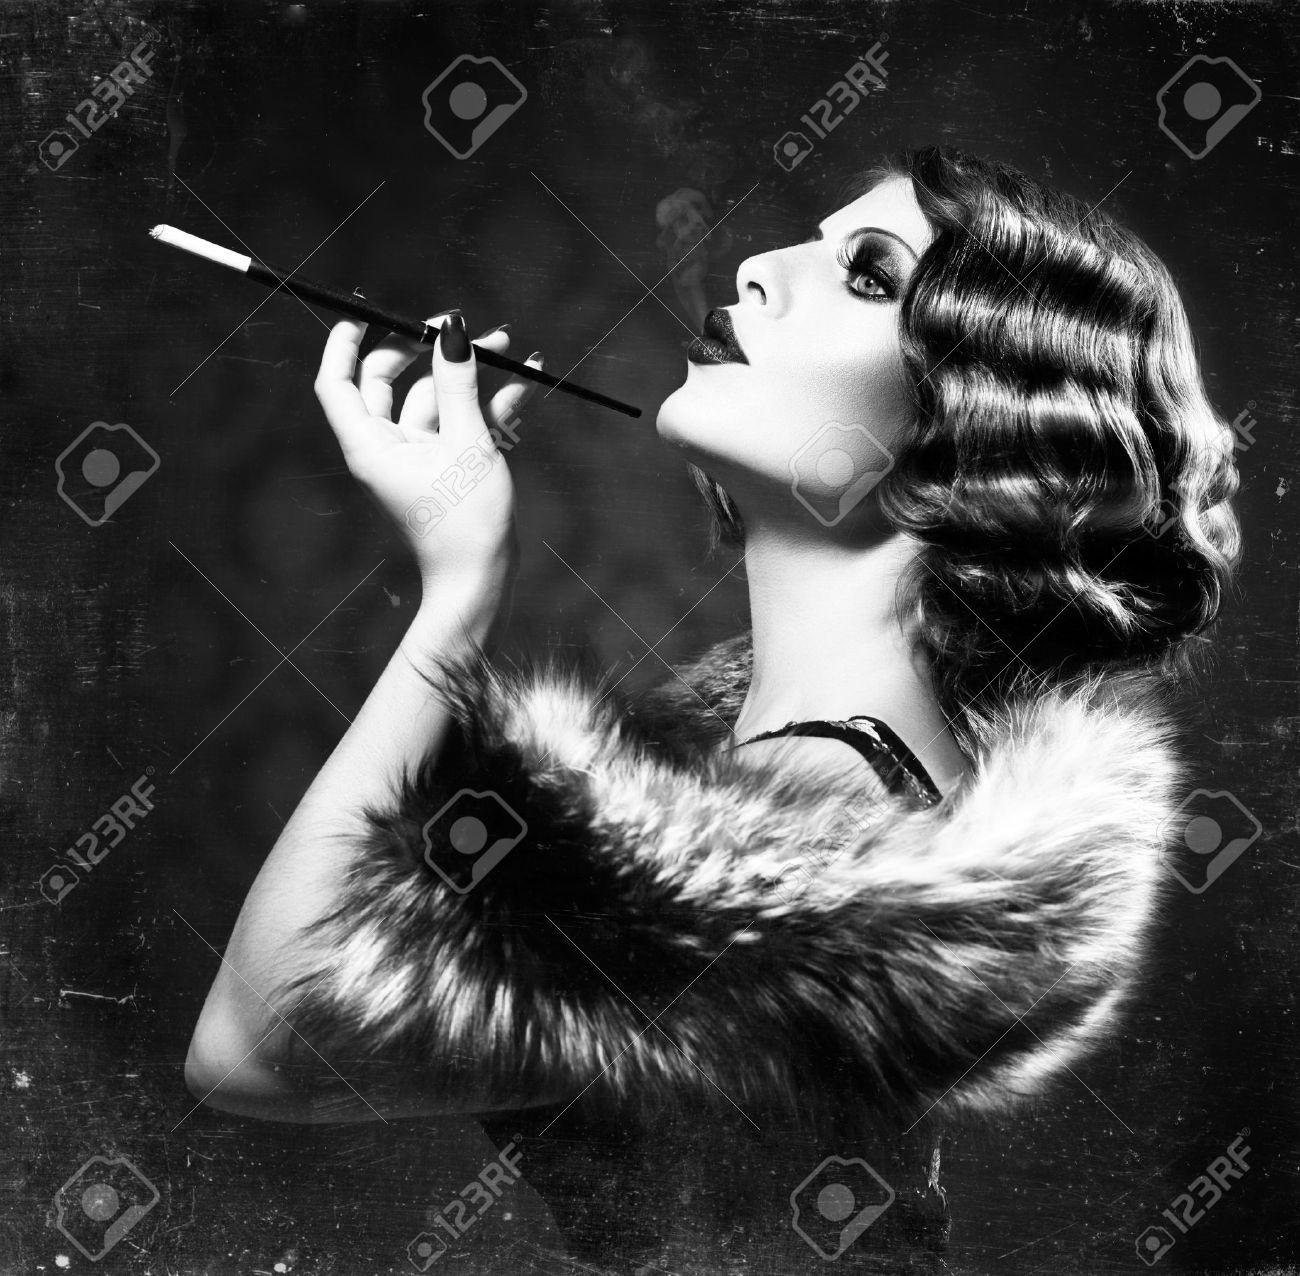 Smoking retro woman vintage styled black and white photo stock photo 22132817